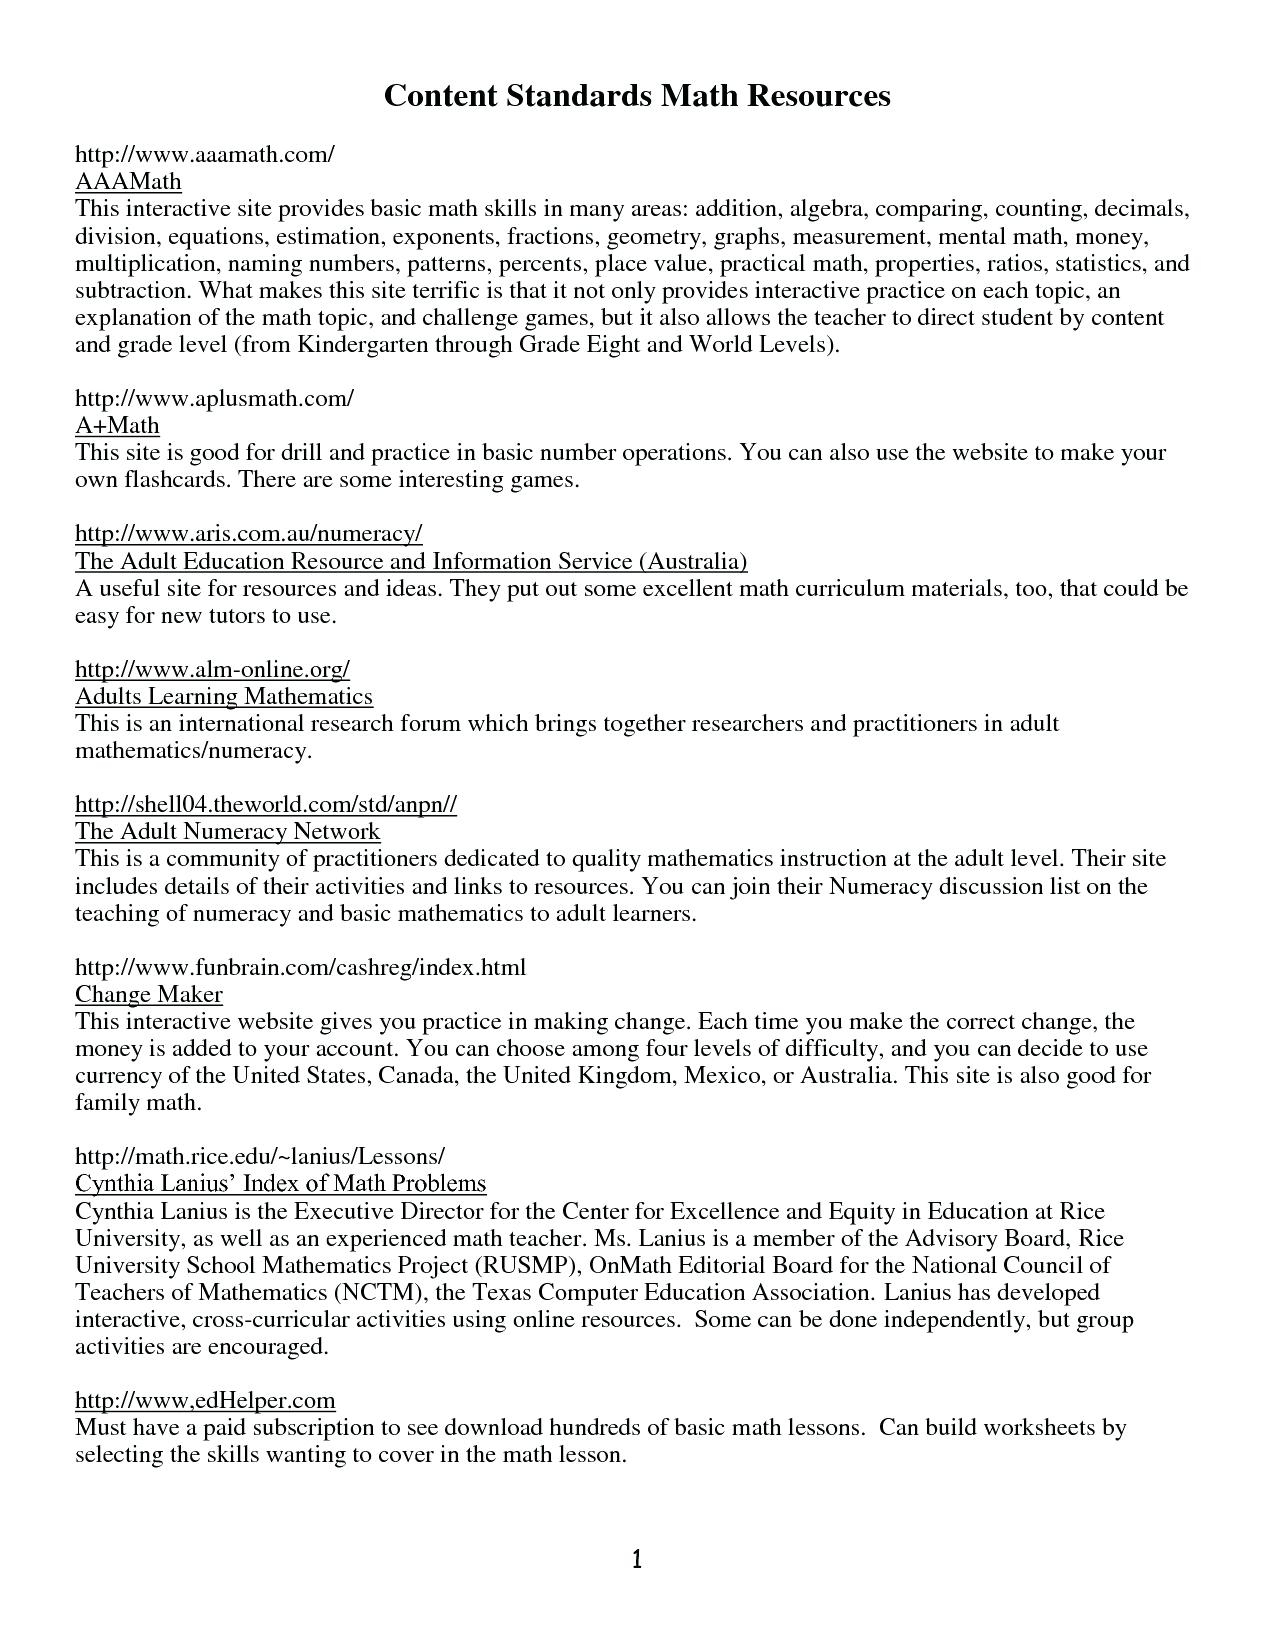 Free Printable Ged Worksheets